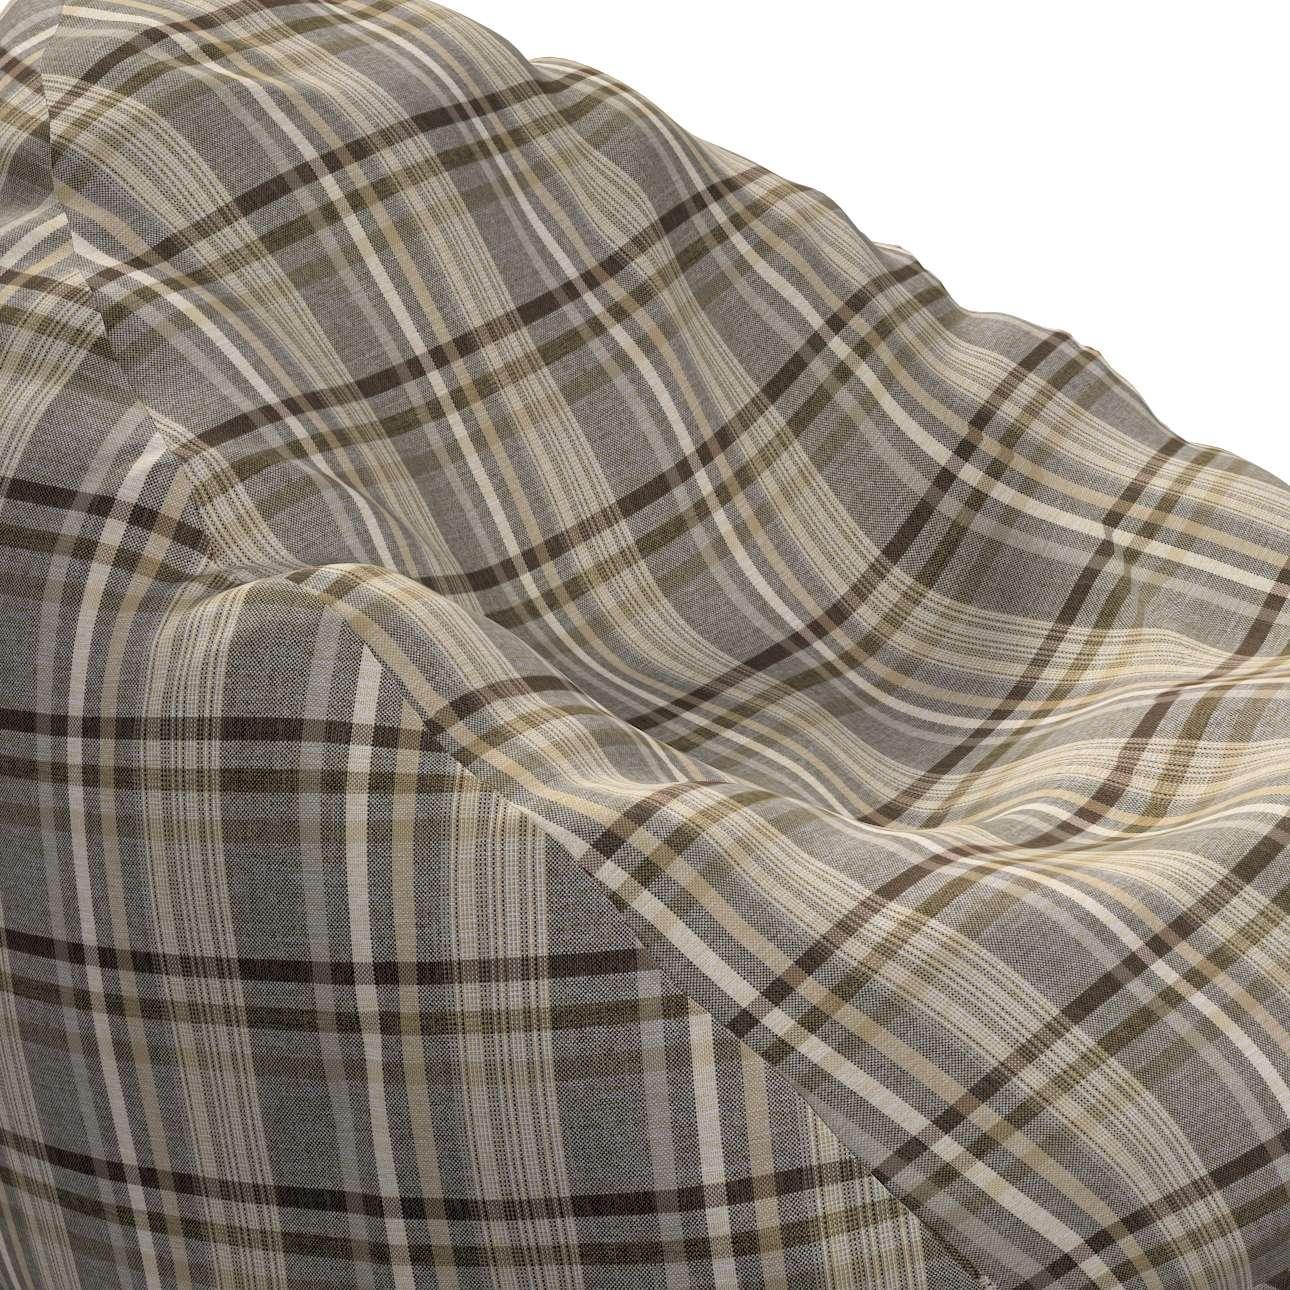 Pokrowiec na worek do siedzenia w kolekcji Edinburgh, tkanina: 703-17